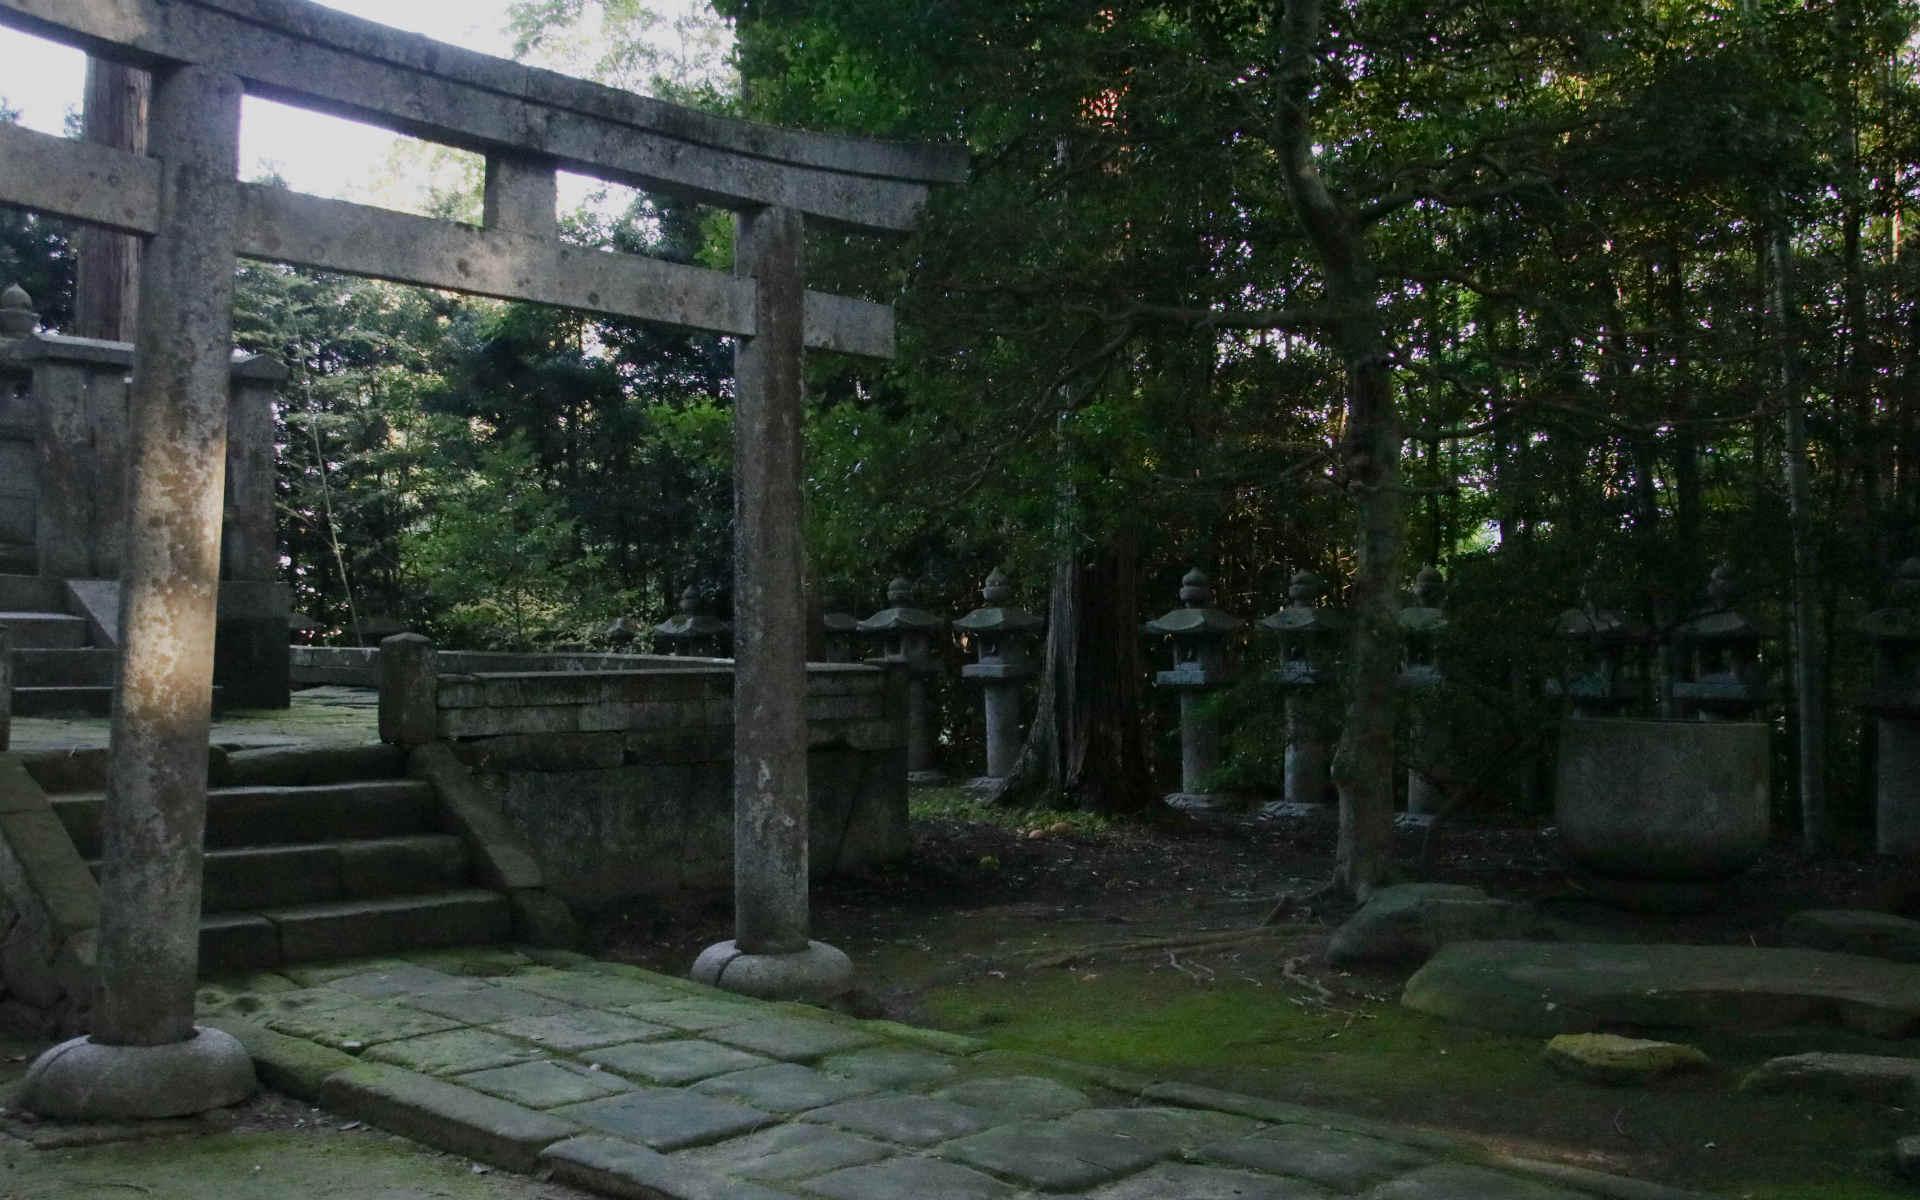 小泉八雲が愛した松江の「異界」を訪ねて。「松江ゴーストツアー」体験記